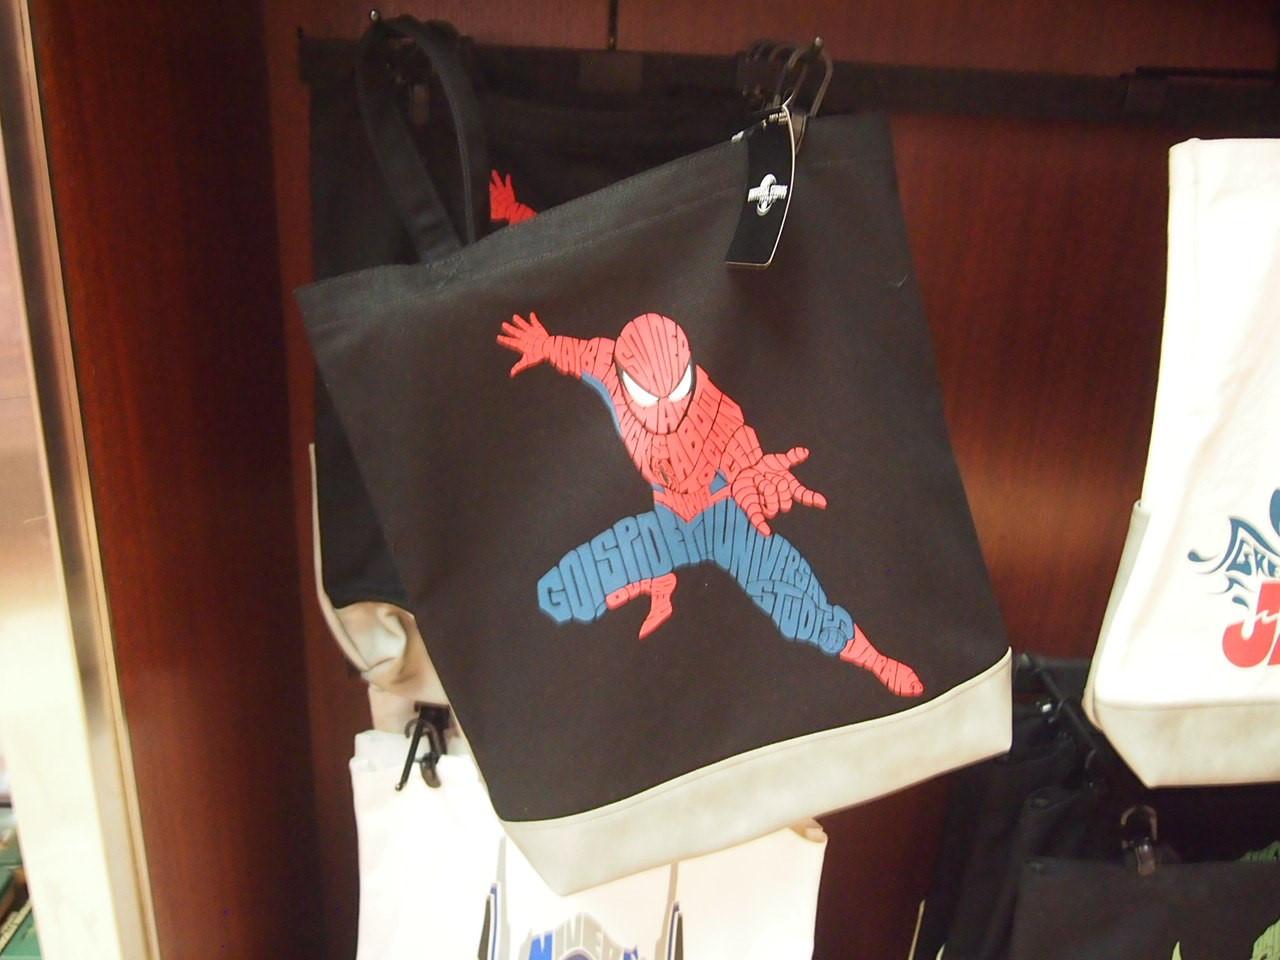 スパイダーマンタイポグラフィトートバッグ